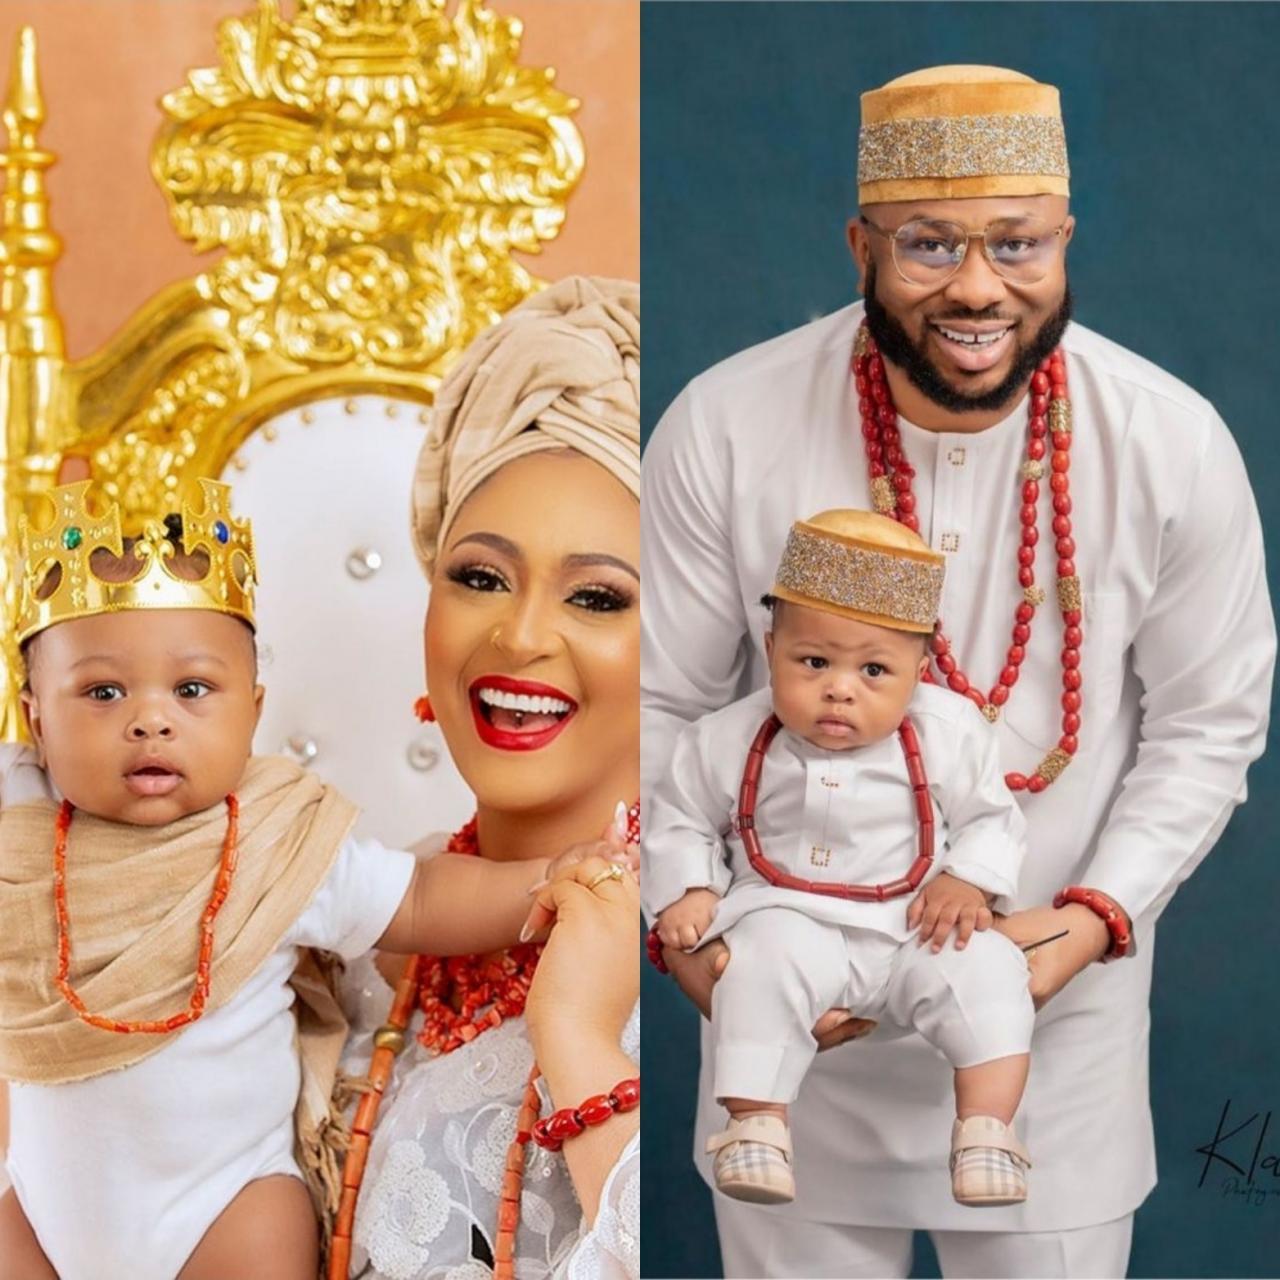 Olakunle Churchill and Rosy Meurer show their son